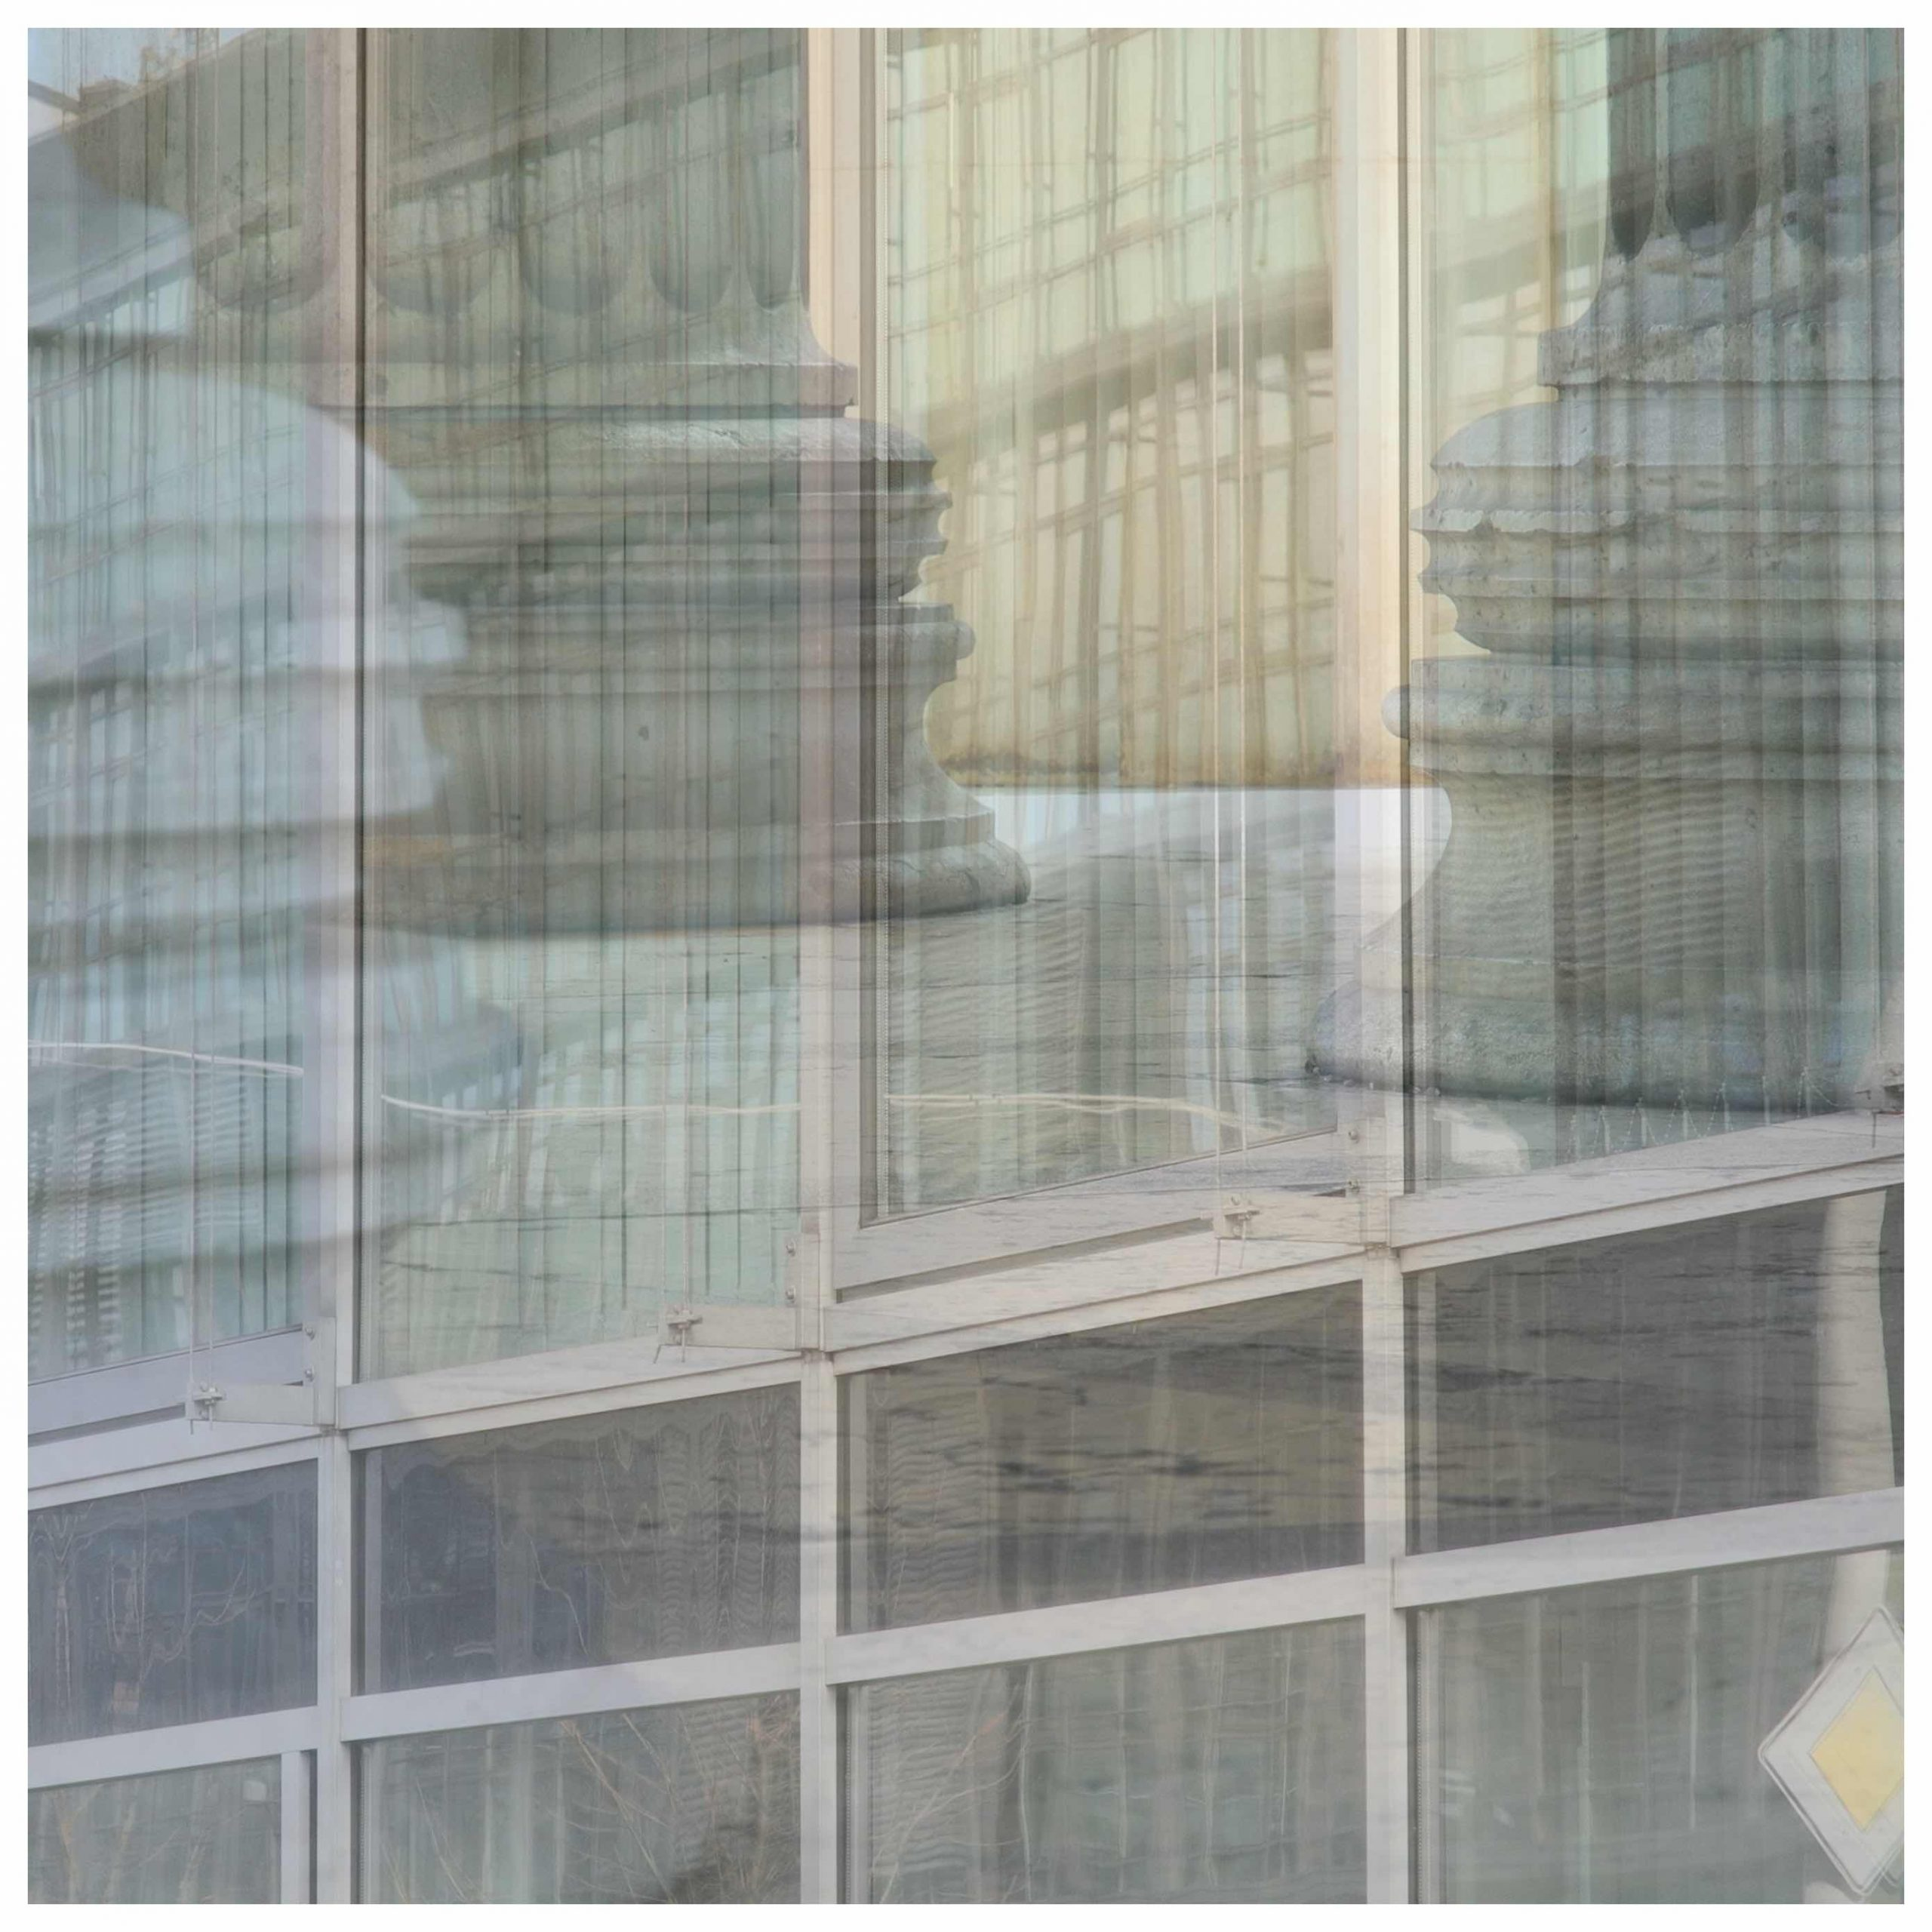 Glassäulen